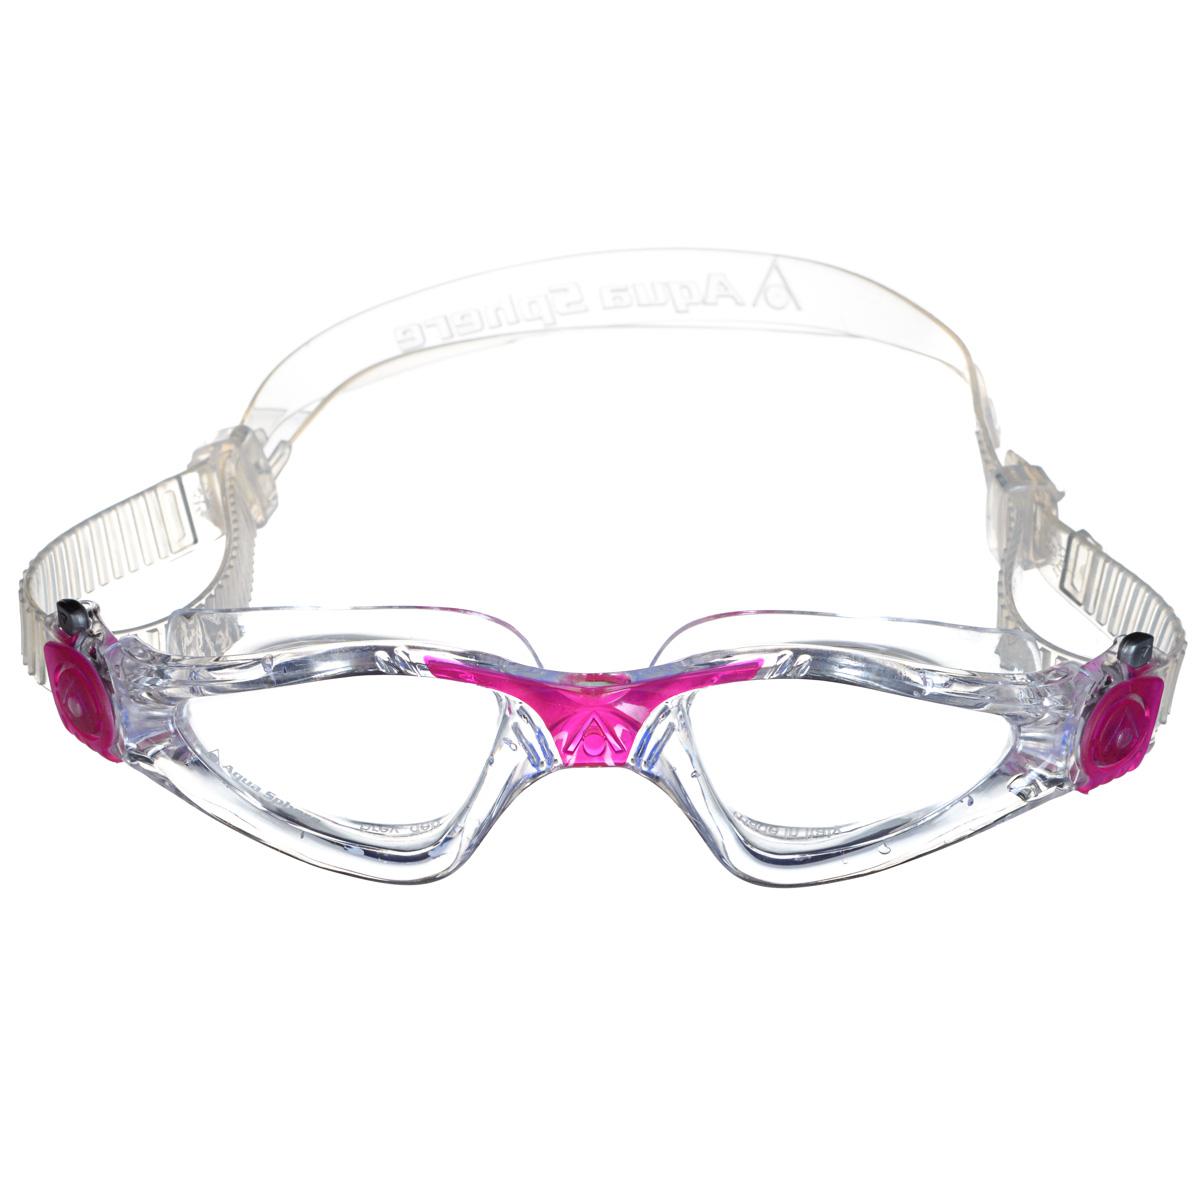 Очки для плавания Aqua Sphere Kayenne Lady, цвет: прозрачный, розовый296Модные и стильные очки для плавания Aqua Sphere Kayenne Lady идеально подходят для плавания в бассейне или открытой воде. Оснащены линзами с антизапотевающим покрытием, которые устойчивы к появлению царапин. Мягкий комфортный обтюратор плотно прилегает к лицу.Запатентованные изогнутые линзы дают прекрасный обзор на 180° - без искажений. Рамка имеет гидродинамическую форму. Очки оснащены удобными быстрорегулируемыми пряжками.Материал: софтерил, plexisol.